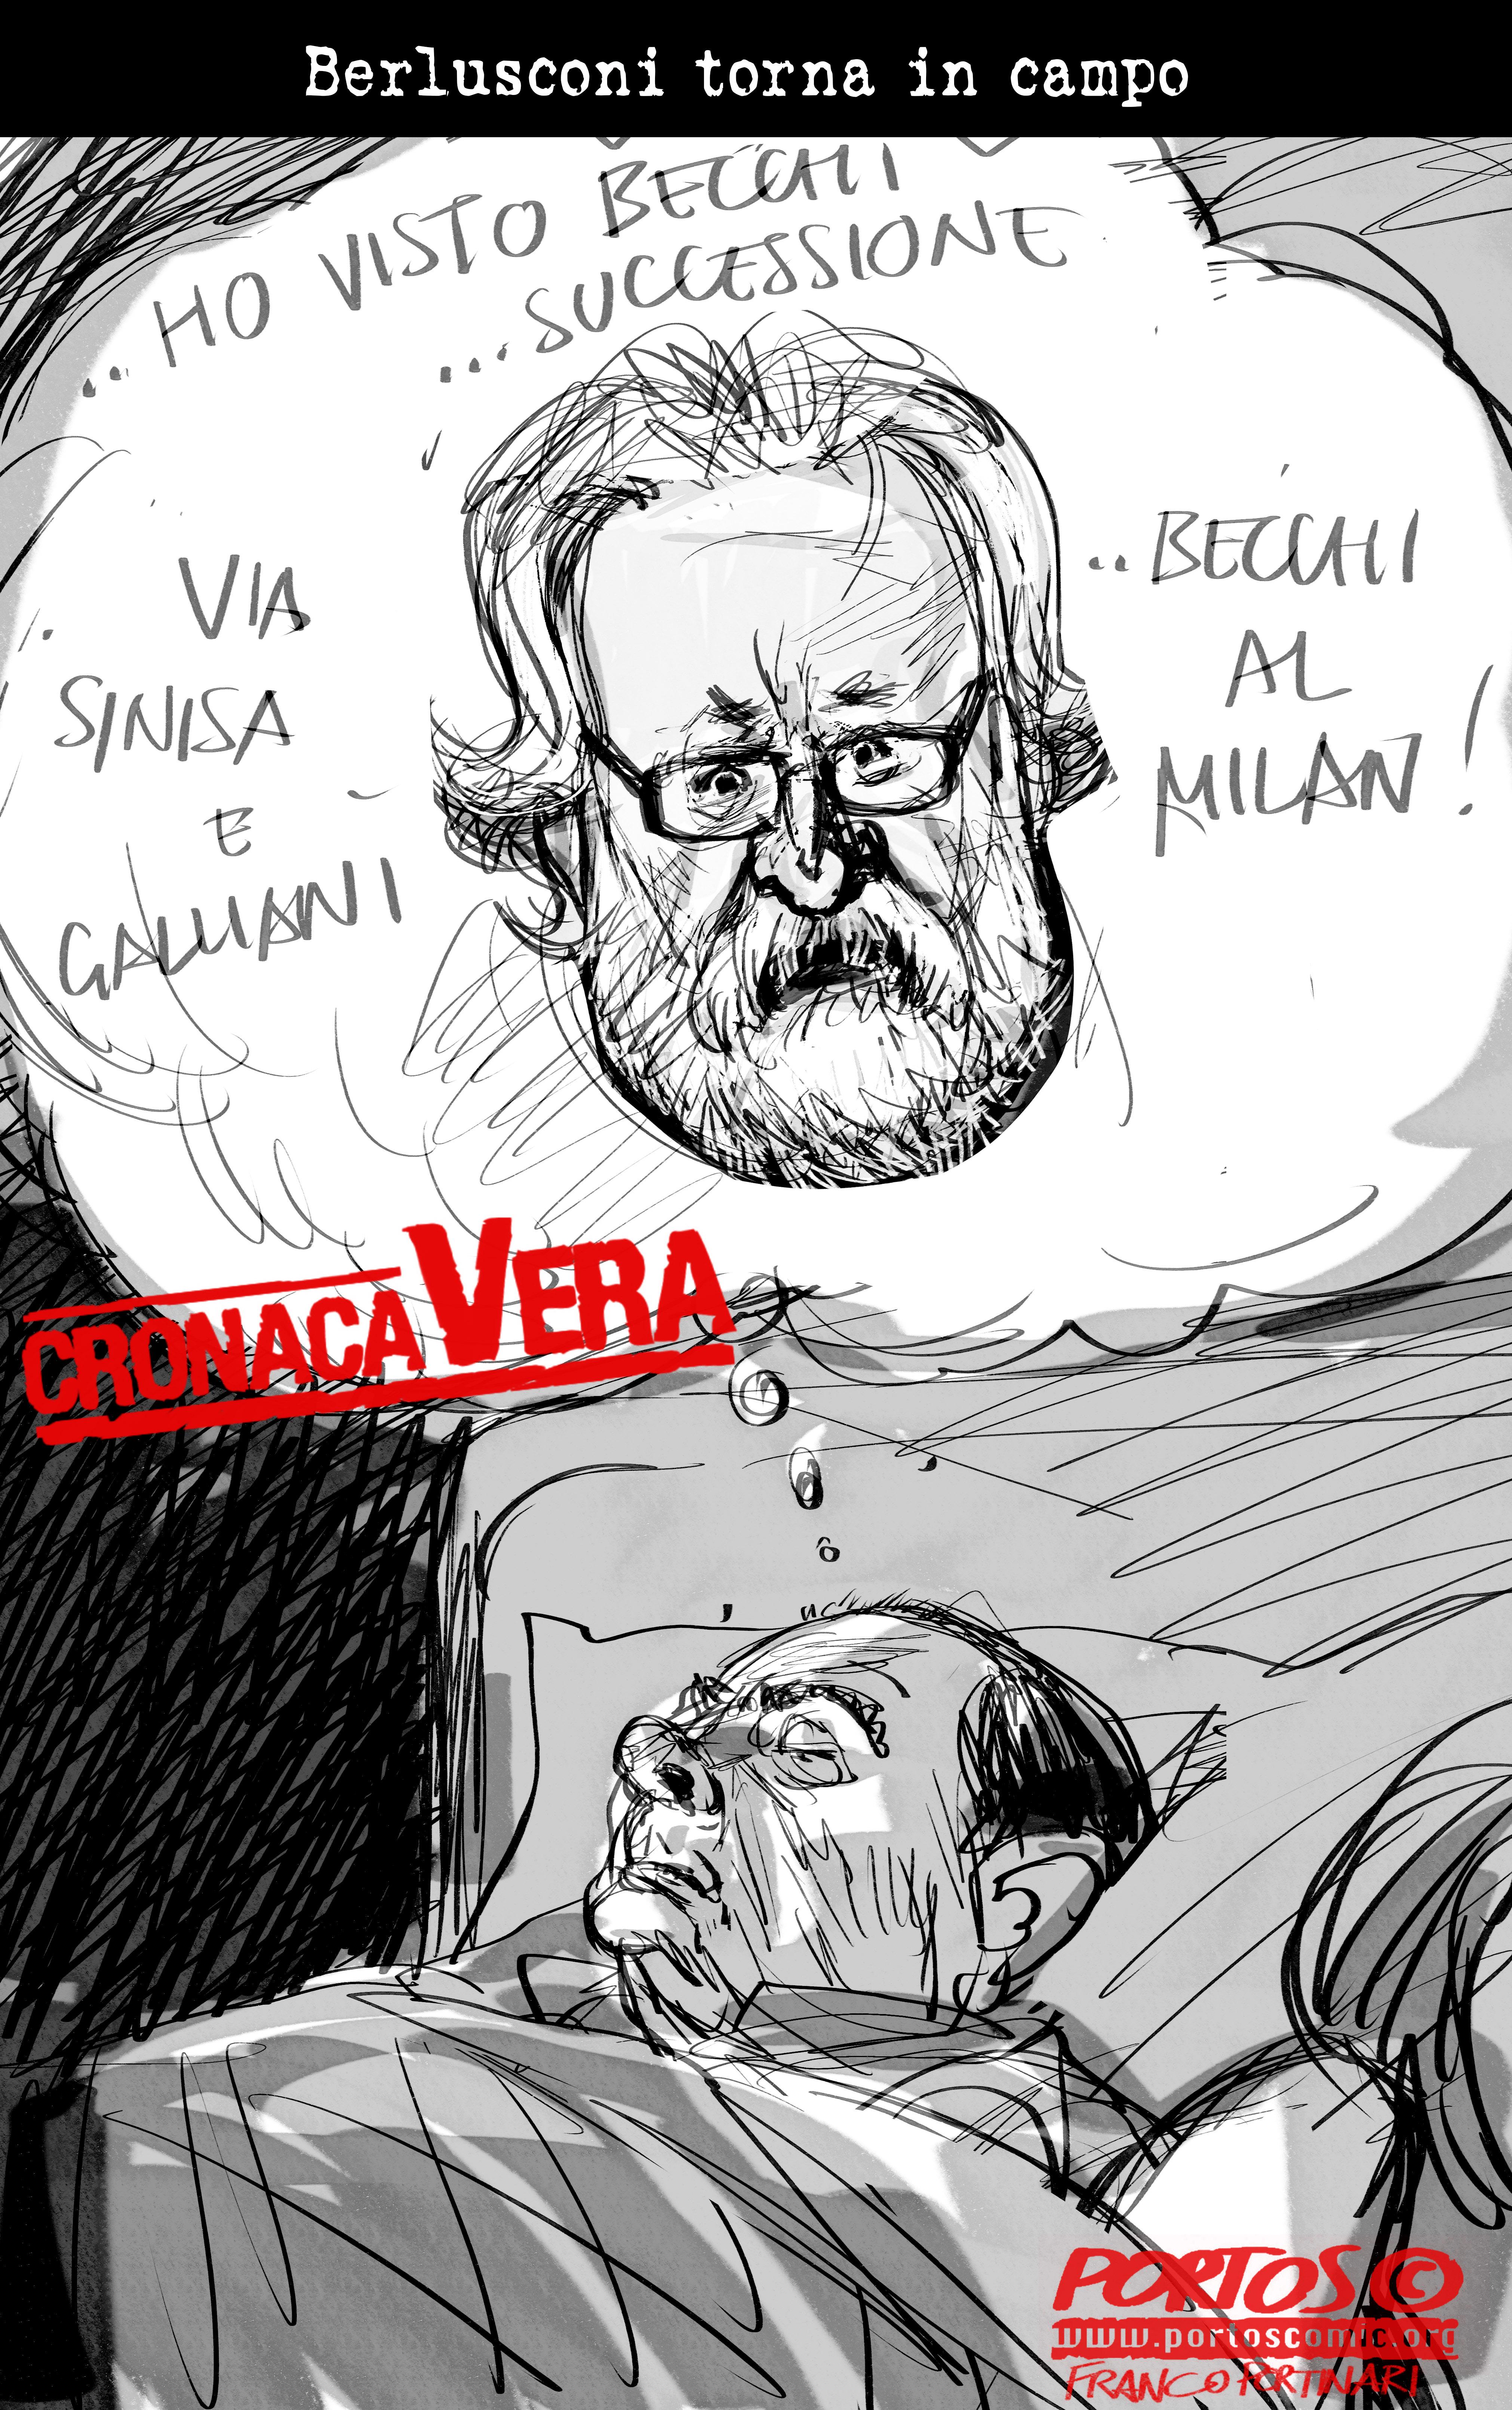 Berlusconi in campo.jpg